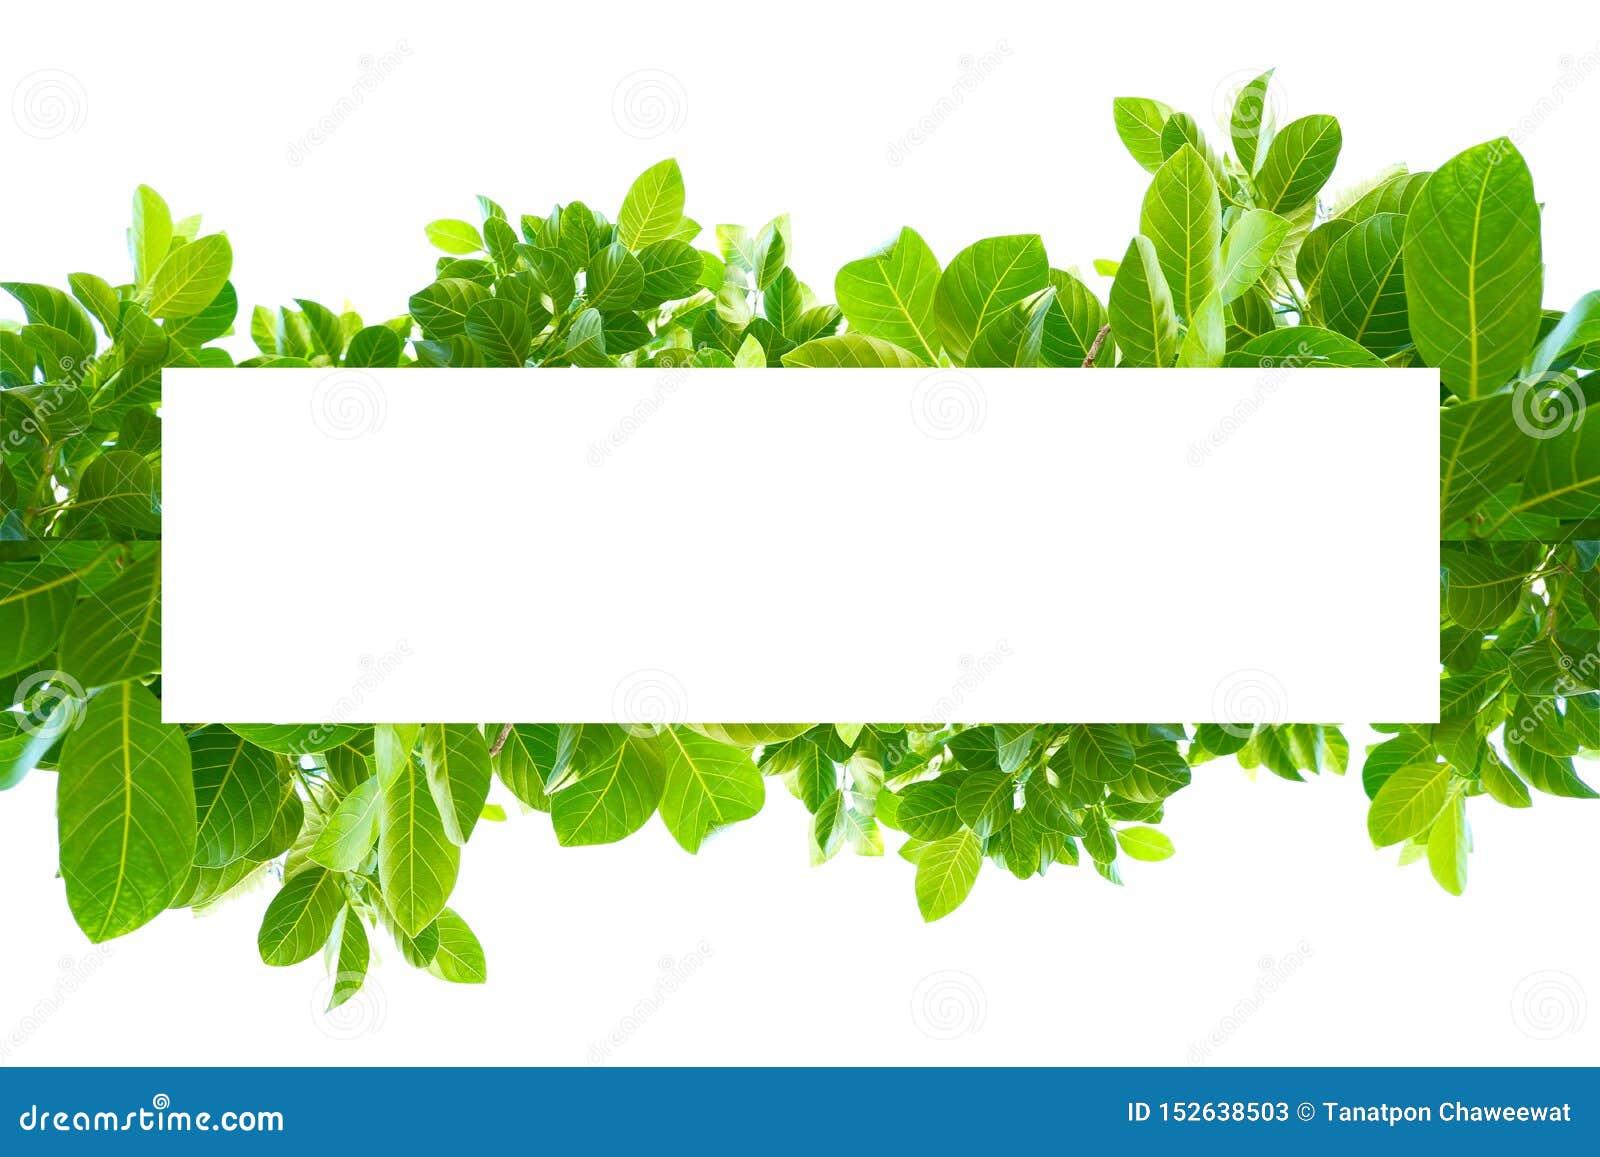 Feuilles vertes tropicales asiatiques qui ont isolé sur un fond blanc